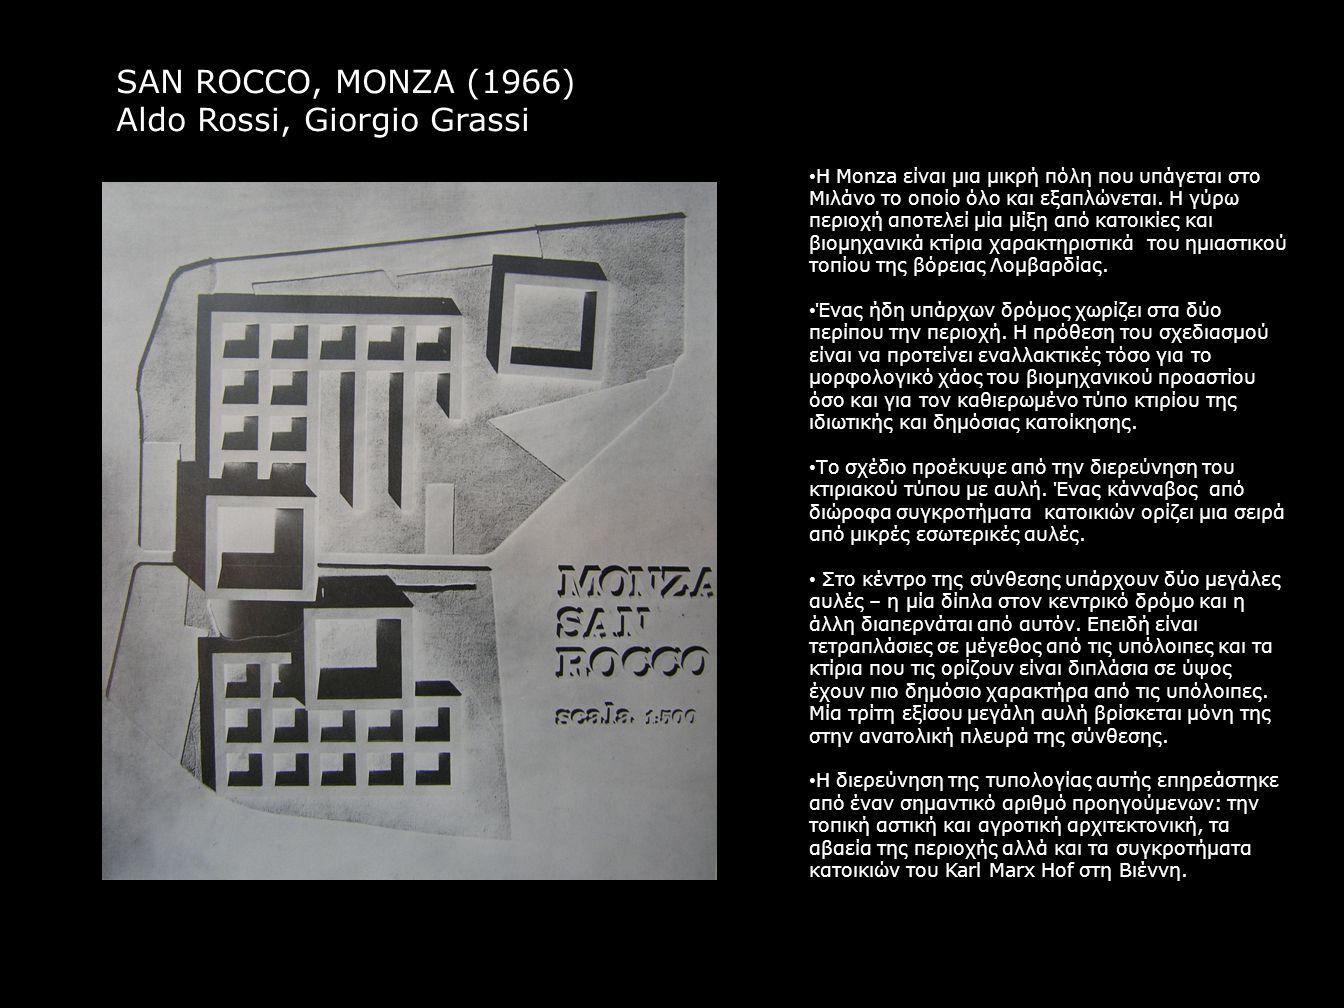 Aldo Rossi, Giorgio Grassi